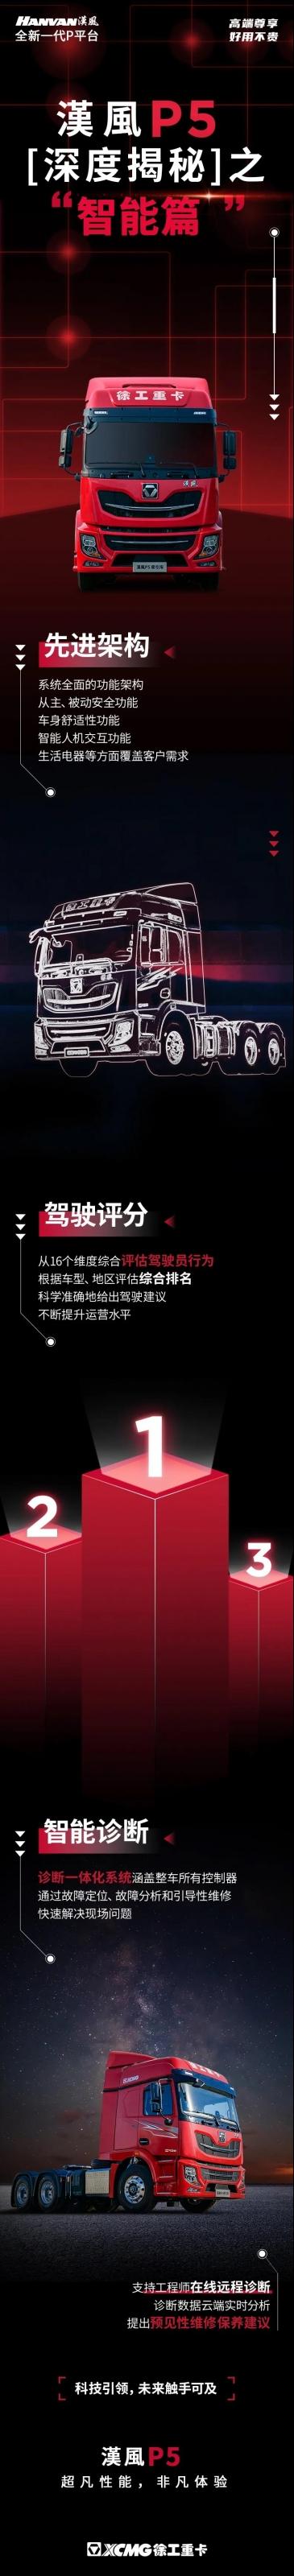 徐工漢風P5深度揭秘| 智能,未来触手可及!